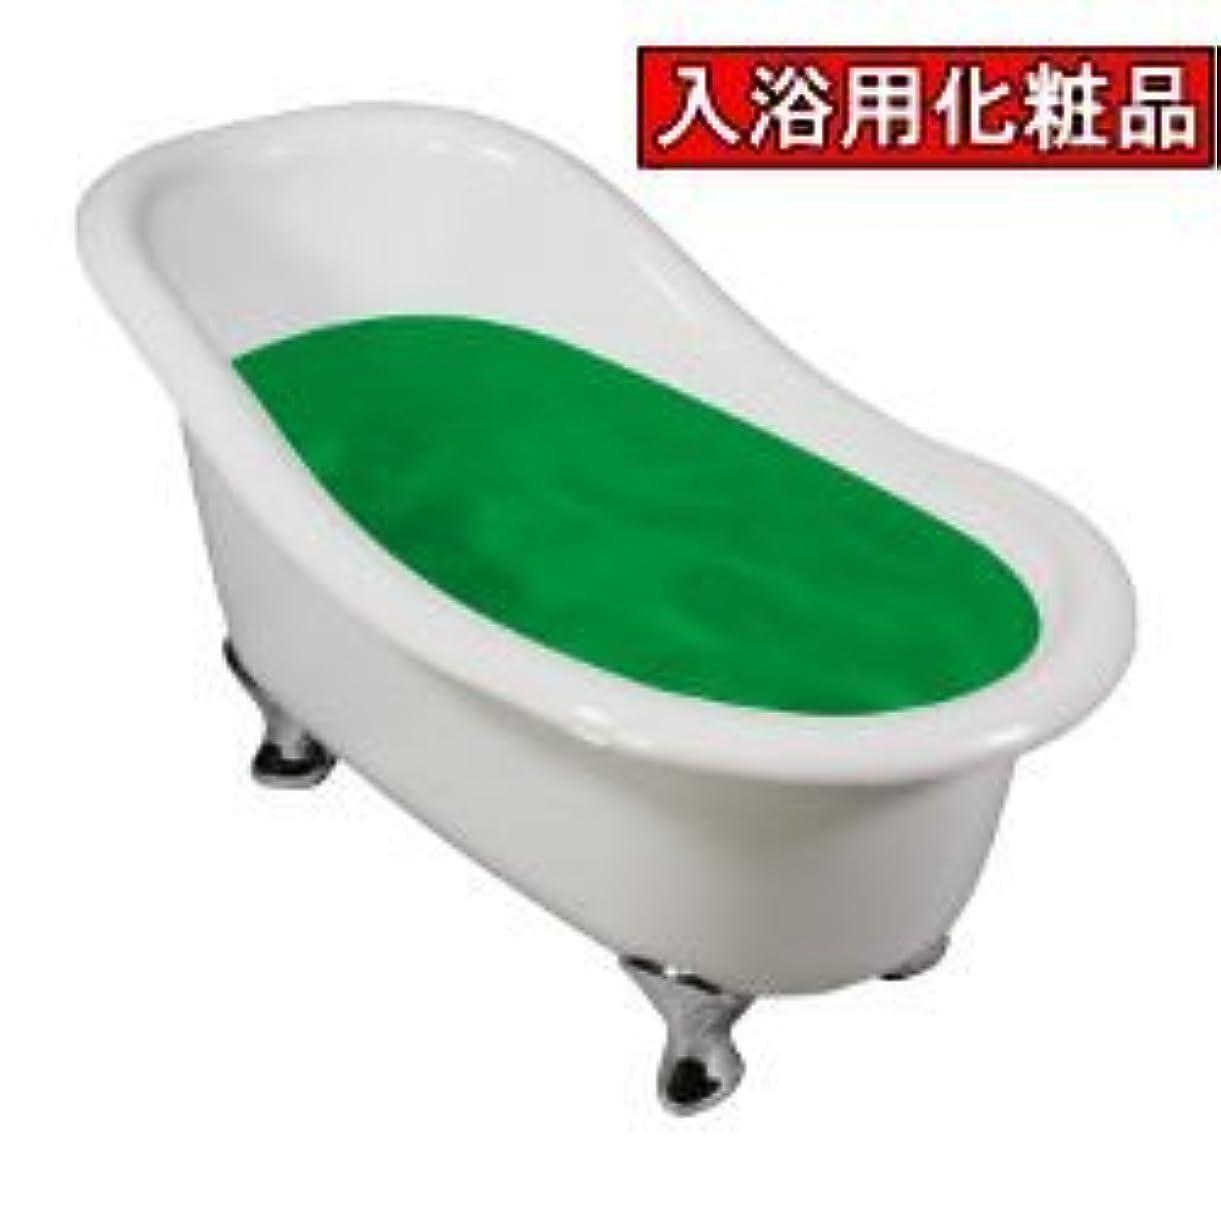 和緩むうそつき業務用入浴剤イヴタス 緑茶 17kg 業務用サイズ